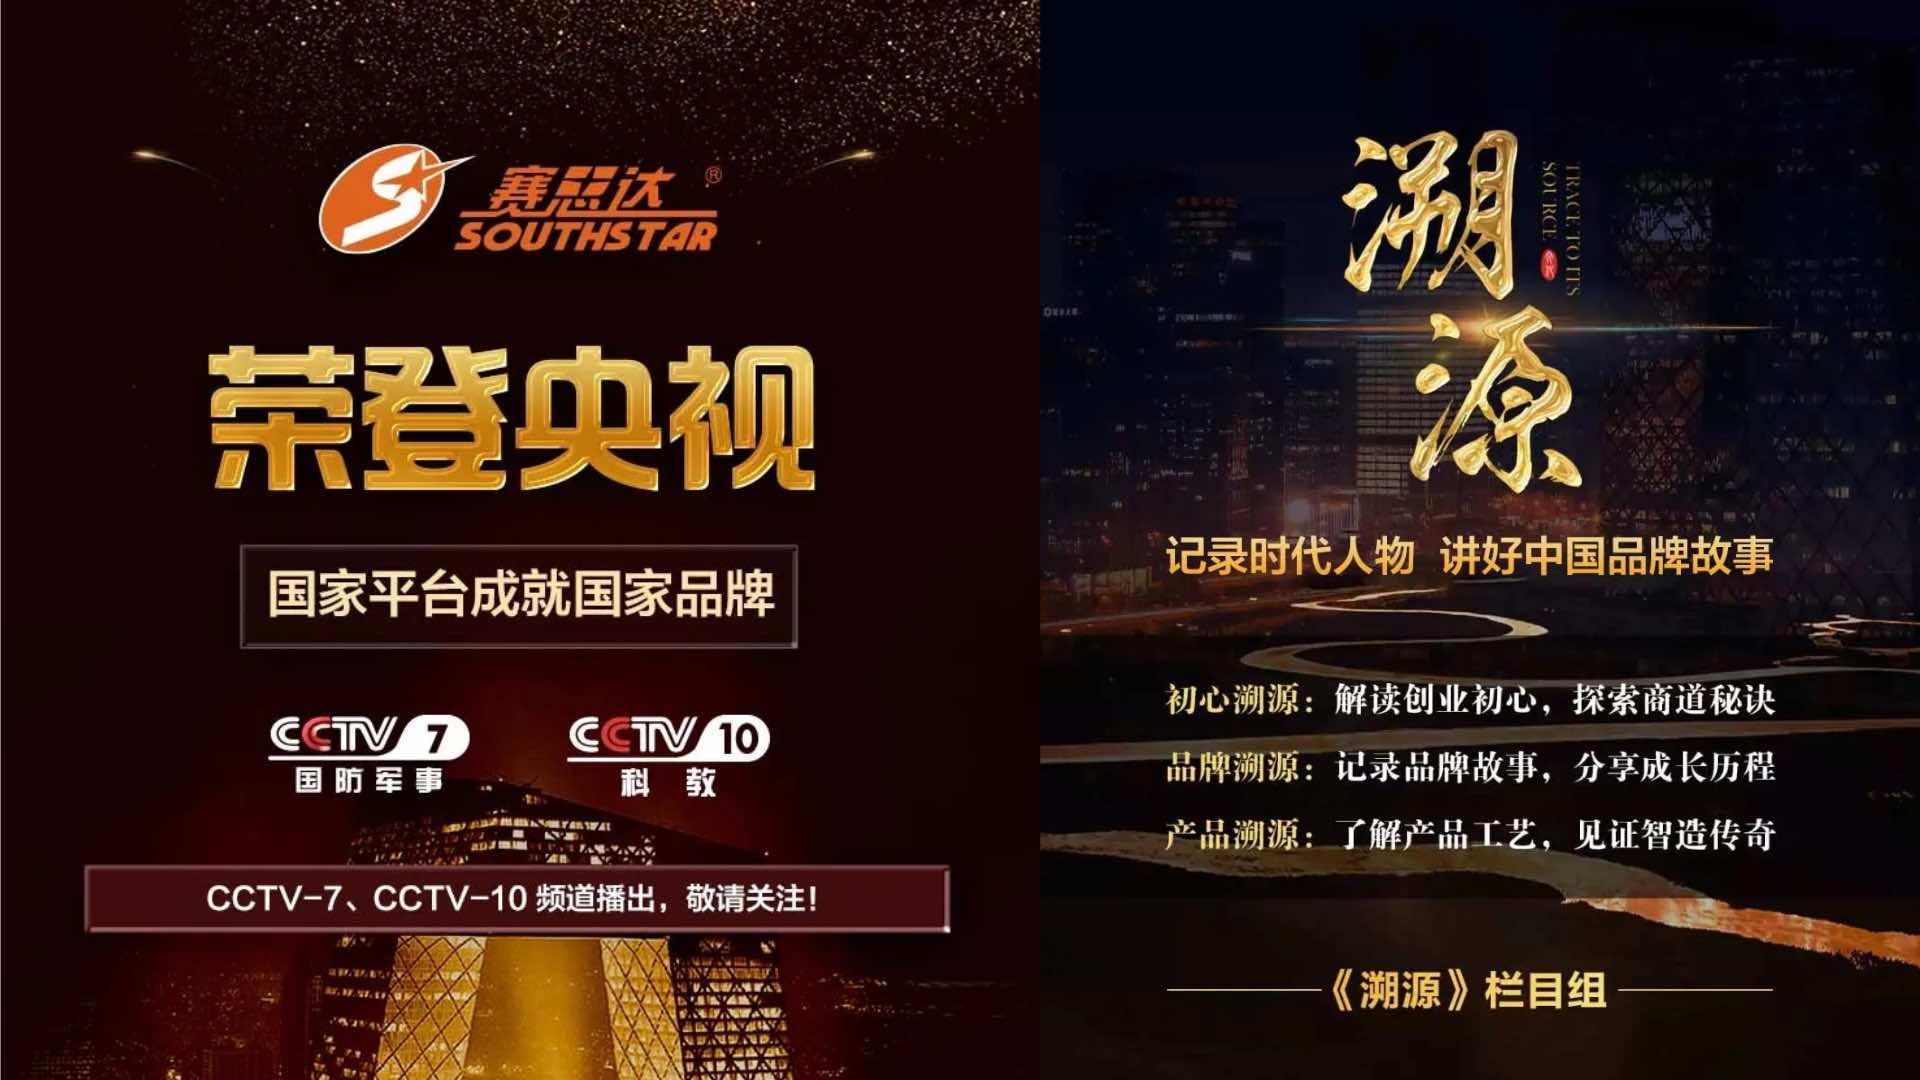 《溯源》栏目——广州赛思达机械荣登央视CCTV-7、CCTV-10